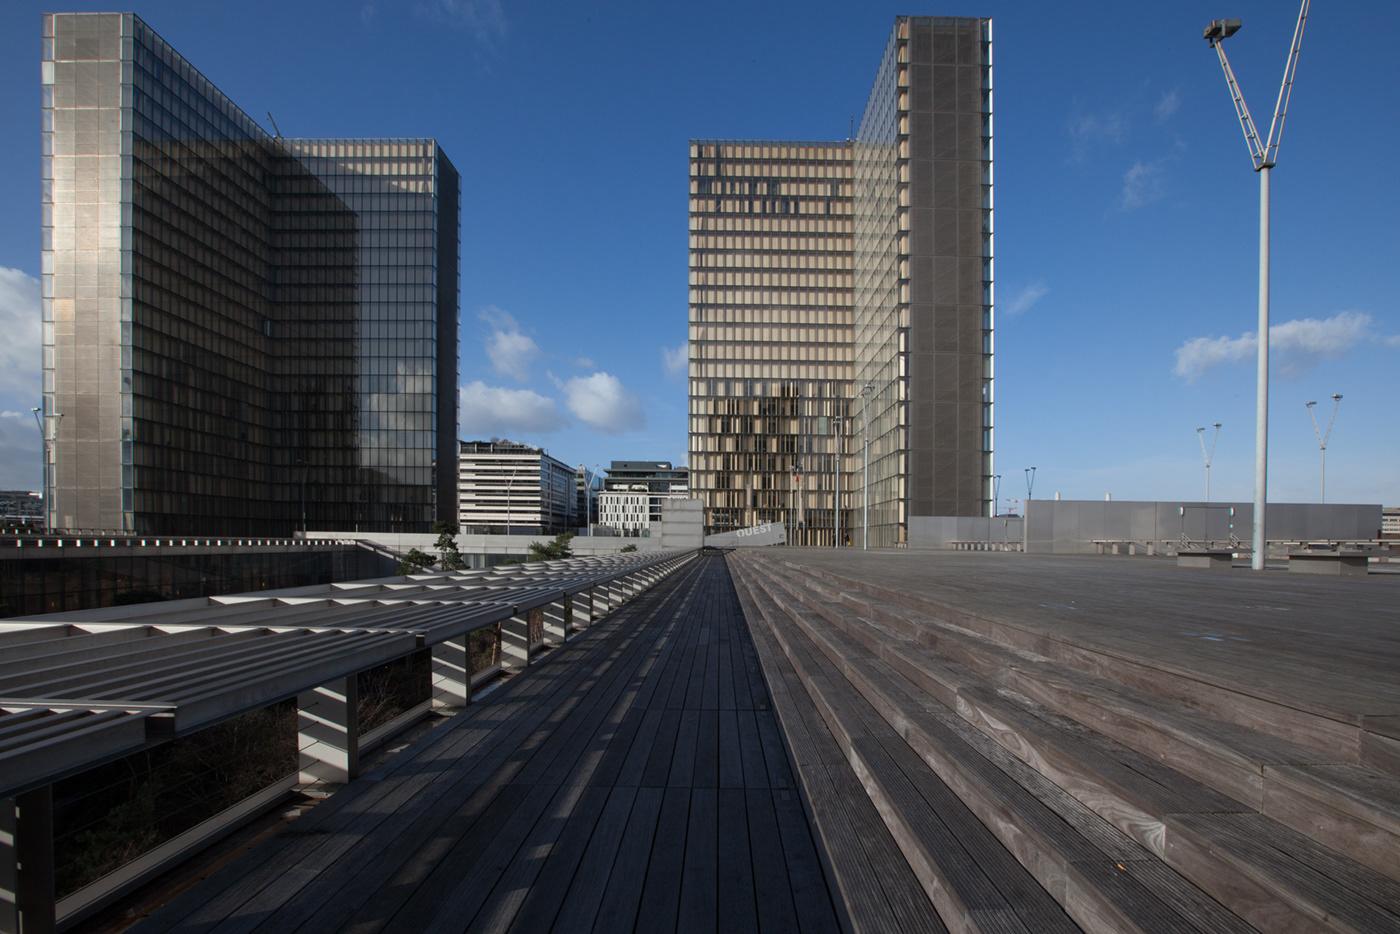 architecture urban landscape Minimalism Paris rive gauche Dominique Perrault library 13 arrondissement Photography